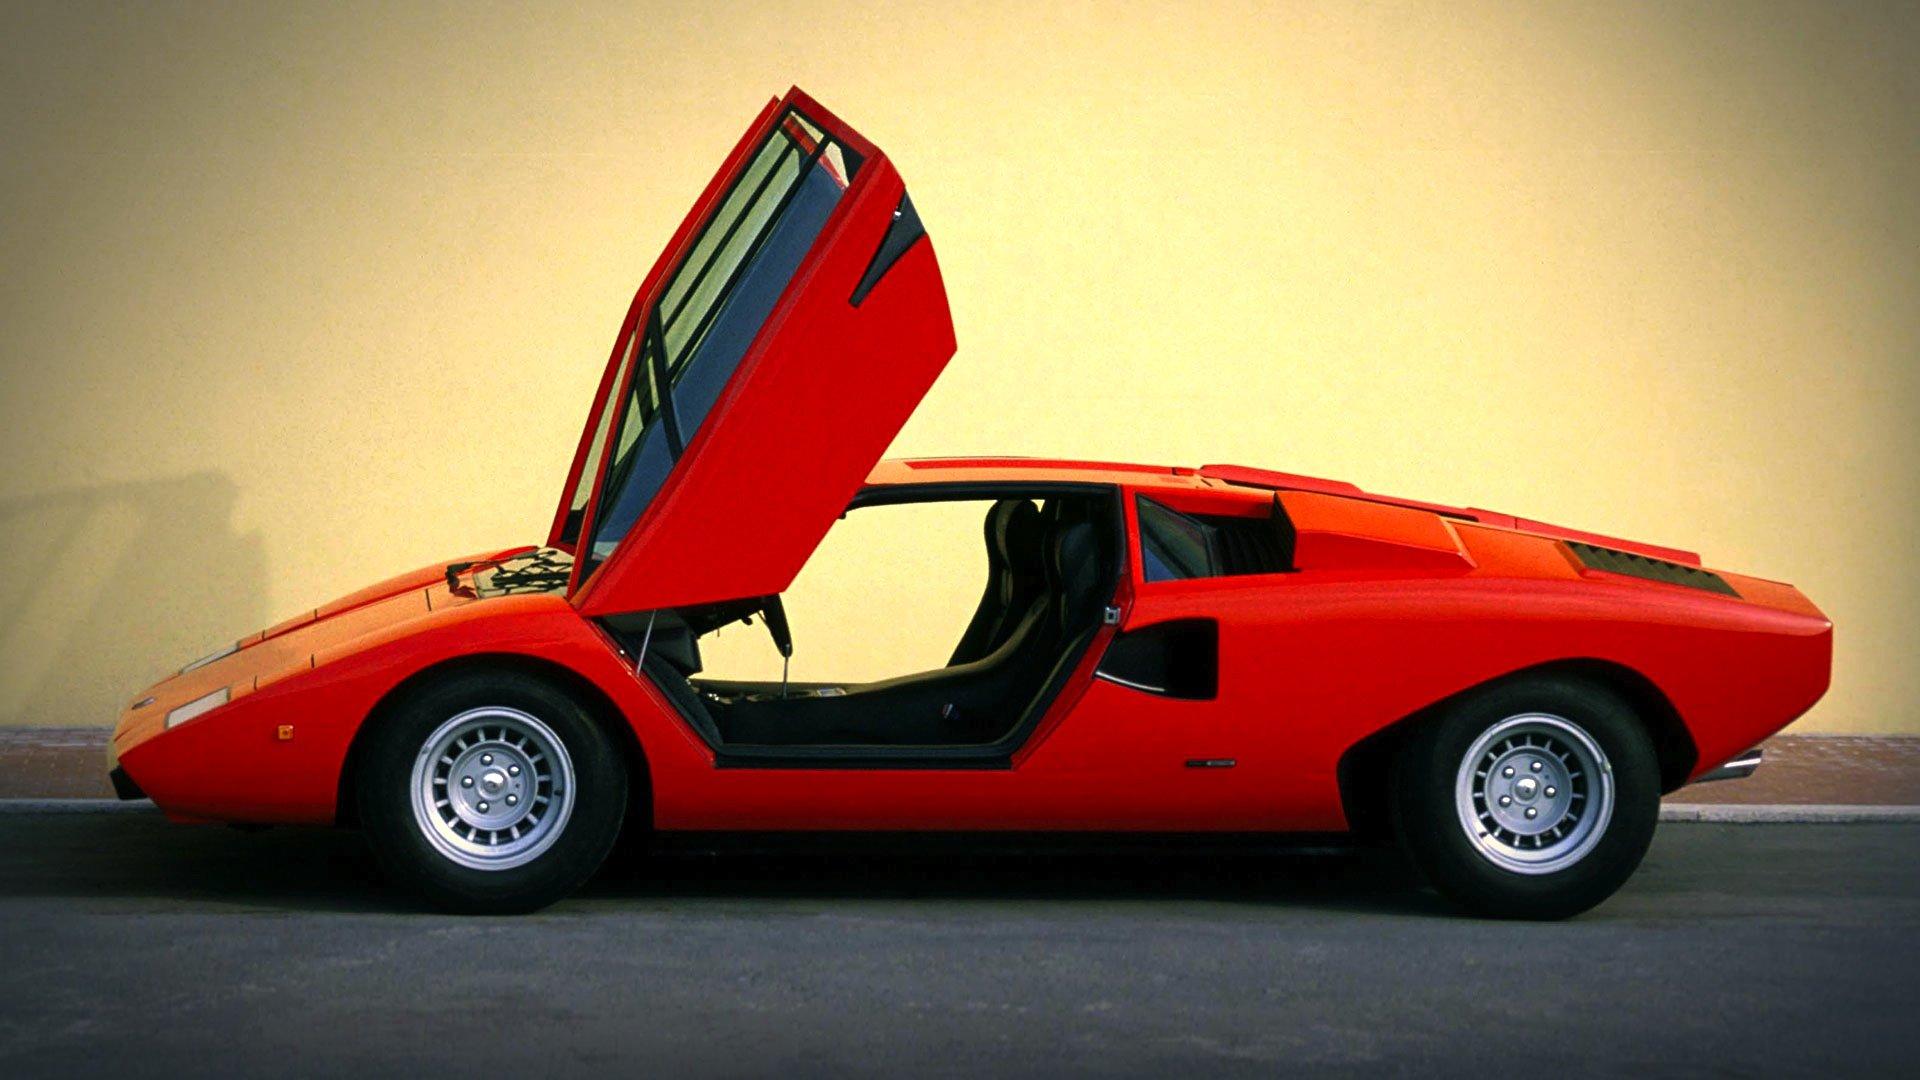 Der Lamborghini Countach von 1974 ist das Vorbild für die stark vereinfachte Version des Schuhherstellers United Nude. Von dieser ersten Countach-Version LP 400 ohne ausgestellte Kotfllügel wurden bis 1978 nur 151 Stück gebaut.